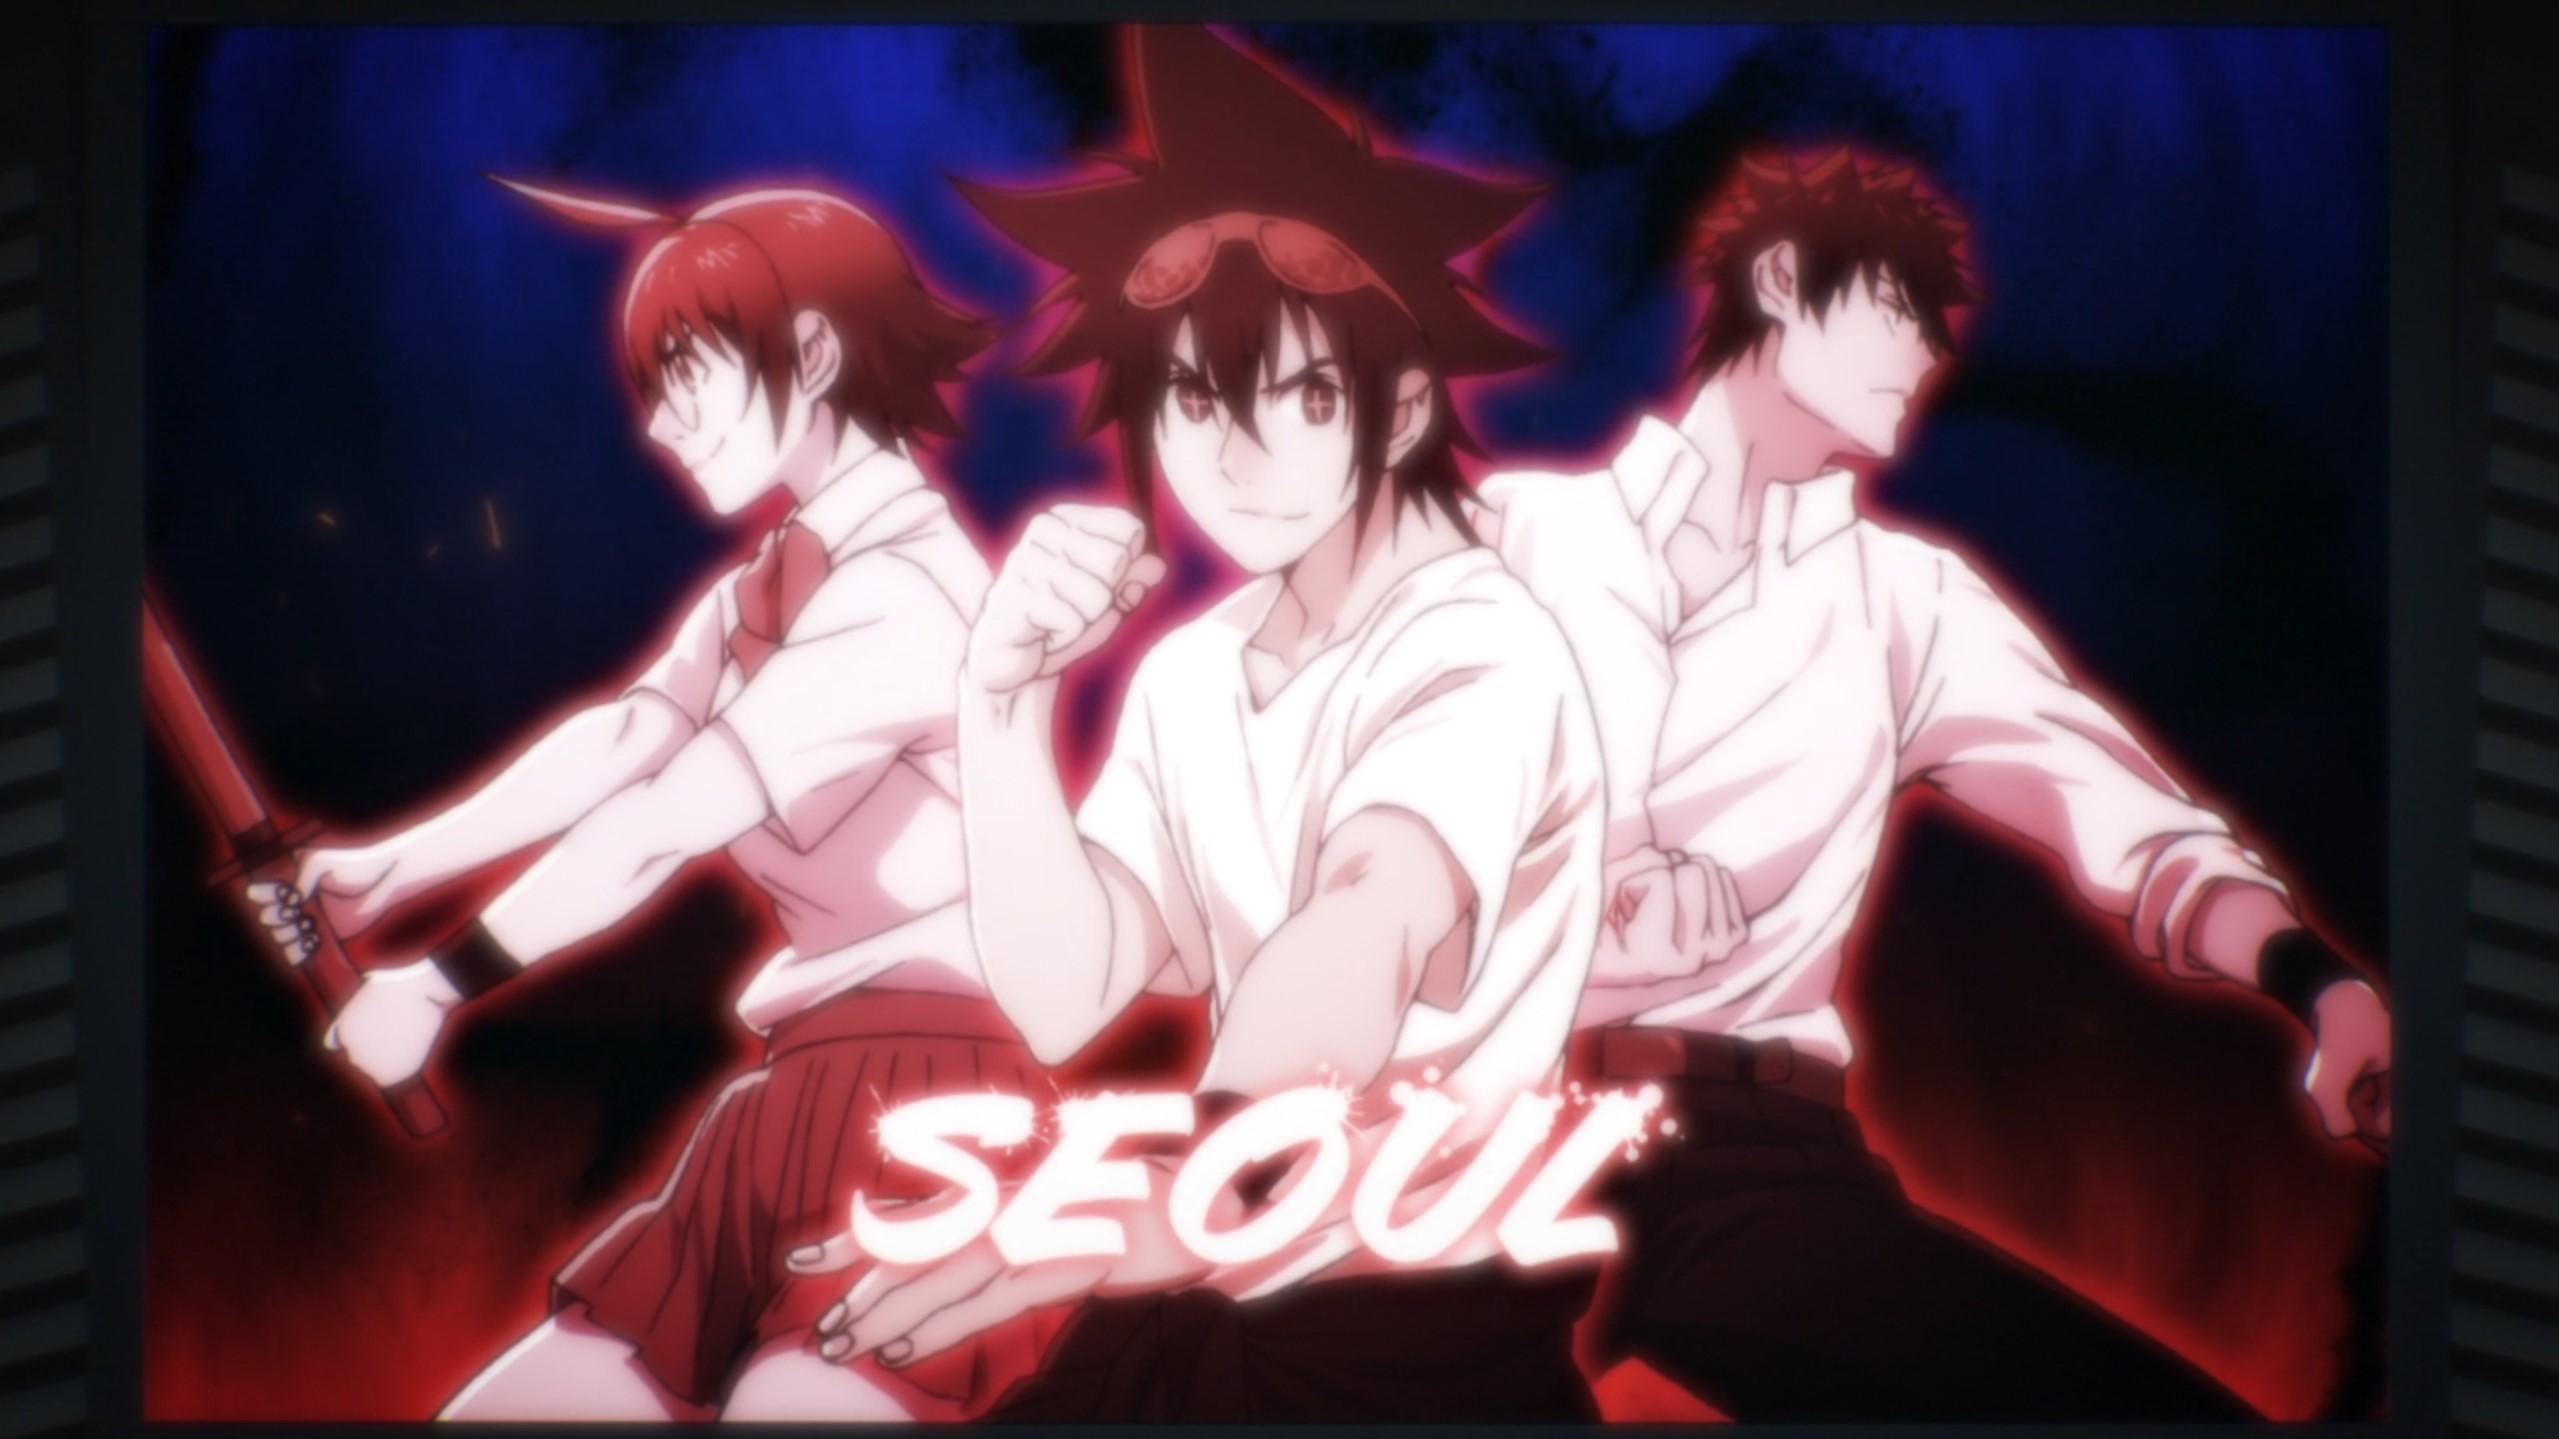 Team Séoul the god of high school